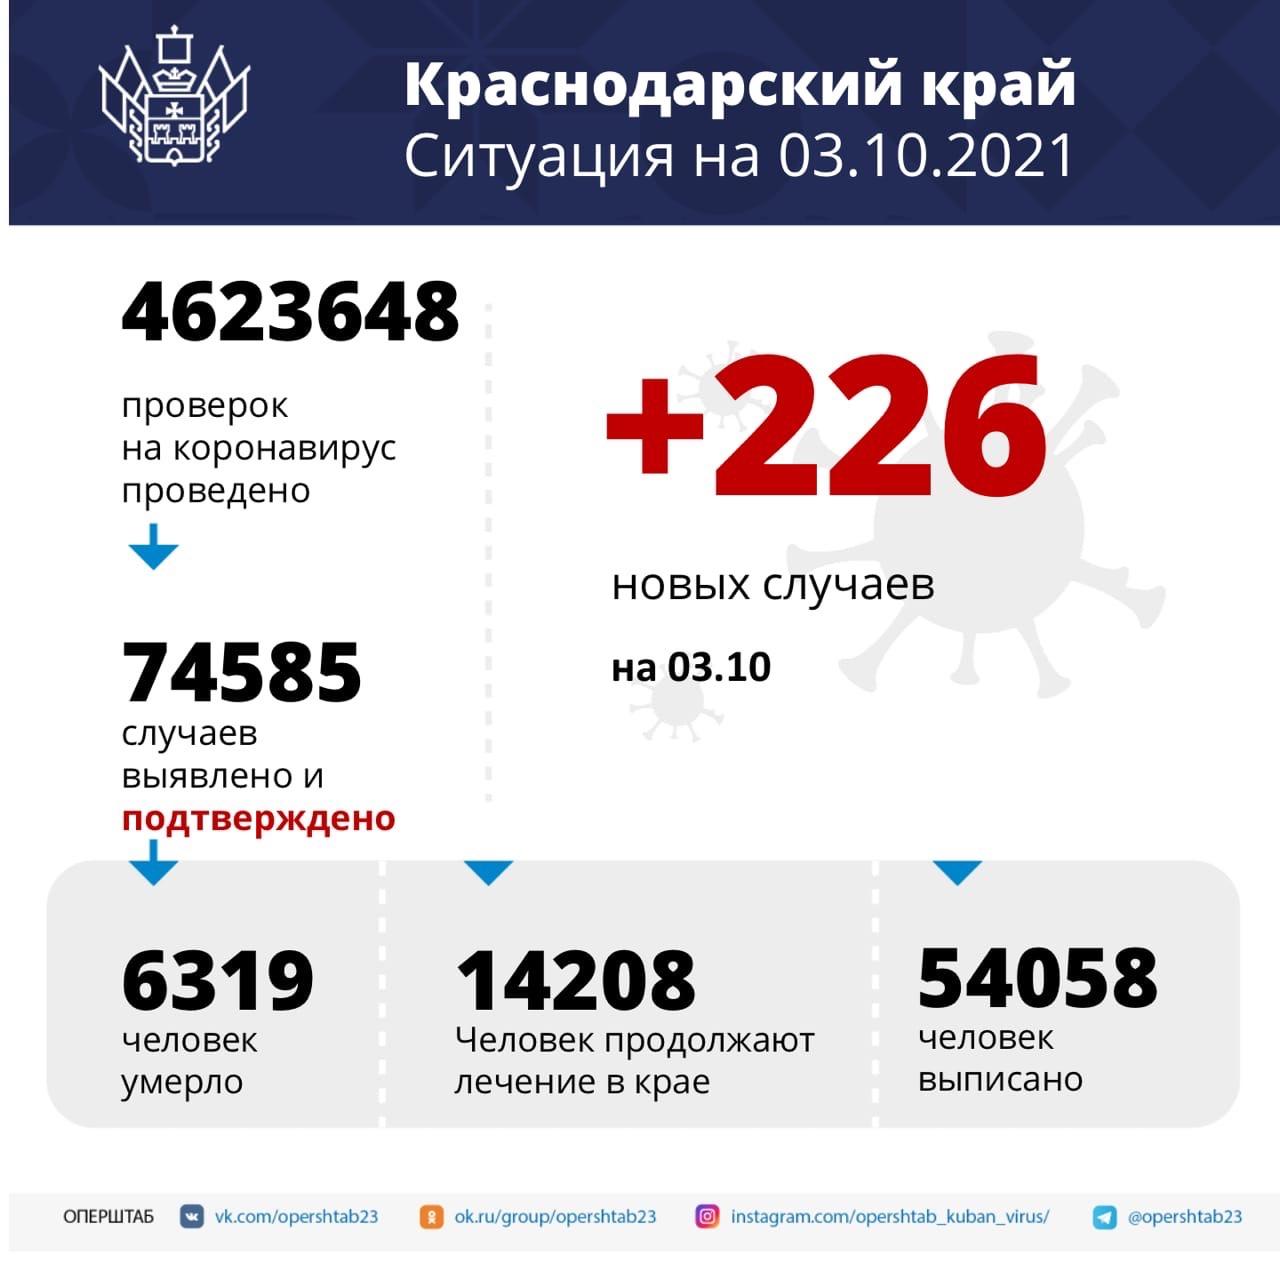 На Кубани за минувшие сутки зарегистрировали 226 случаев...